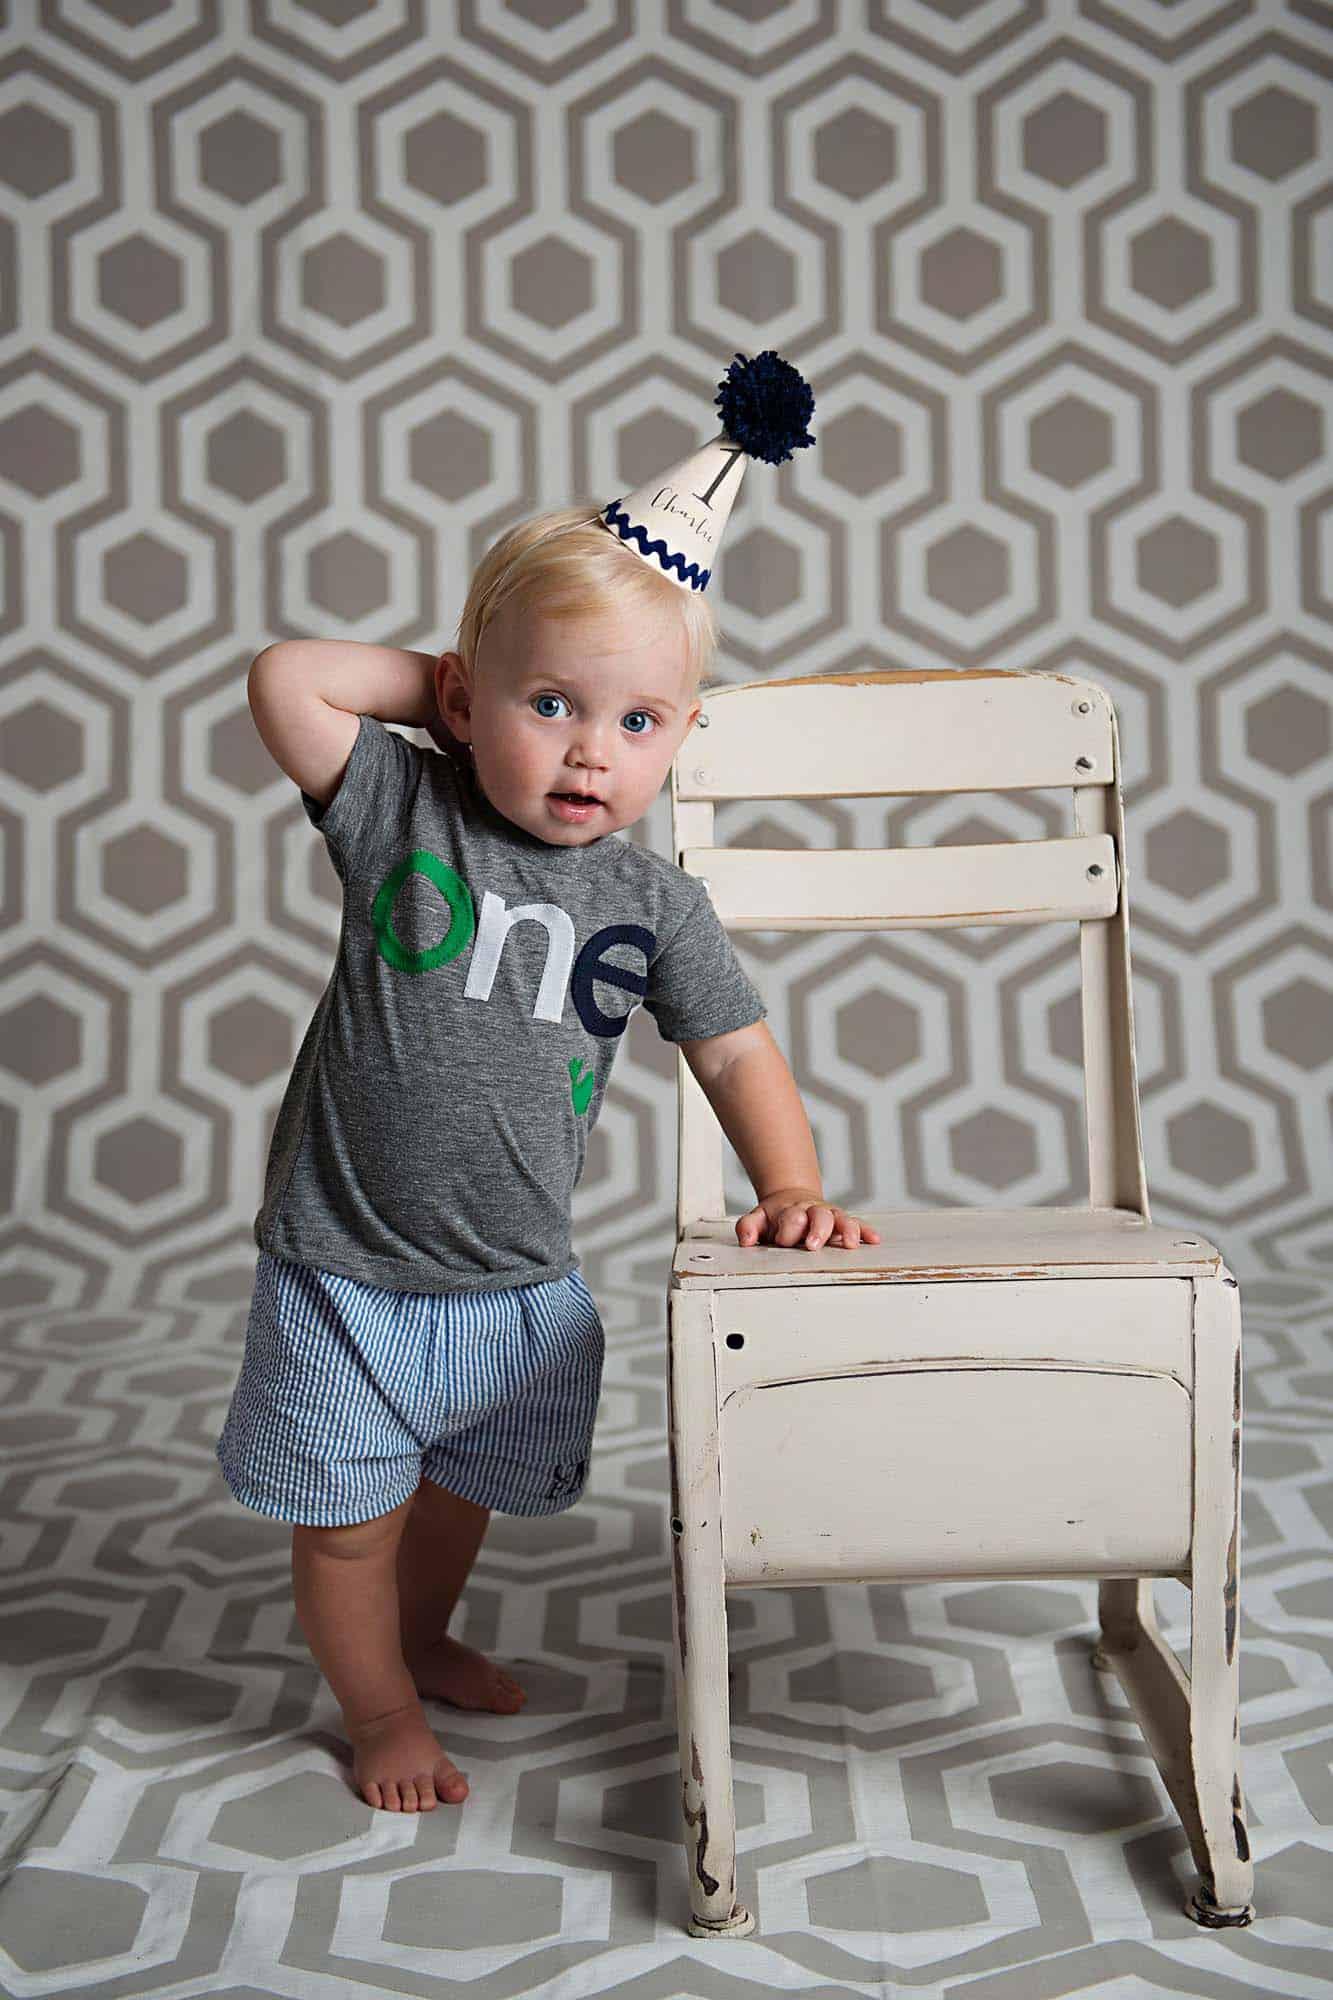 epagaFOTO kansas city documentary photography trending babys first year newborn photoshoot charlieone010